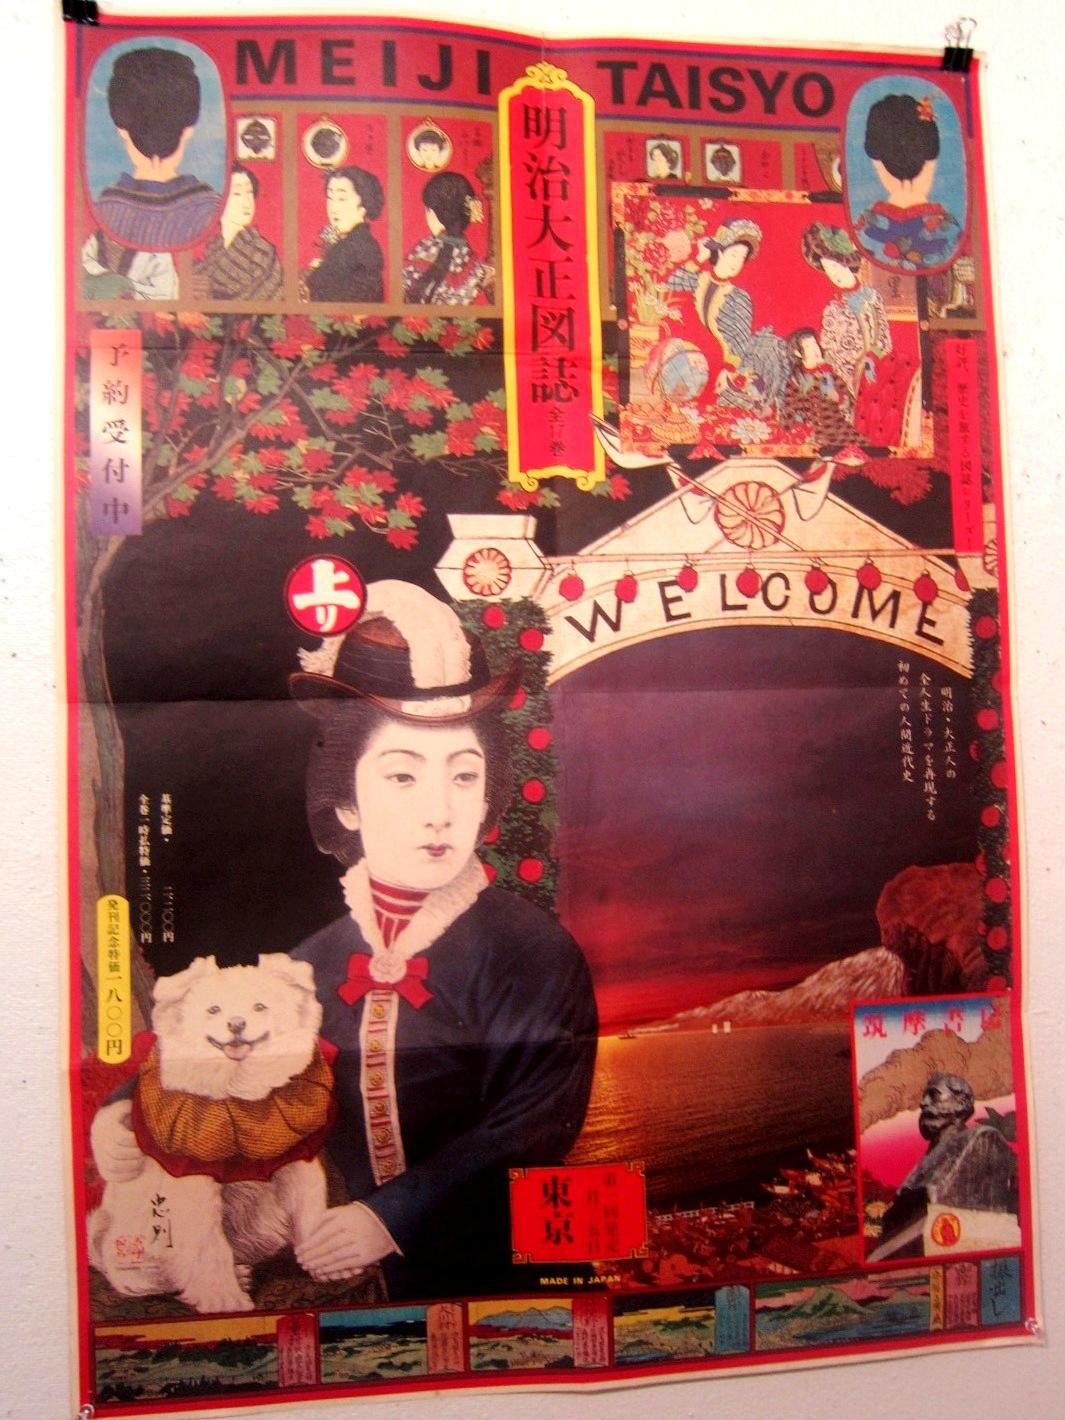 2075)①「ポスターコレクション展」 たぴお 5月27日(月)~6月1日(土)_f0126829_13522912.jpg